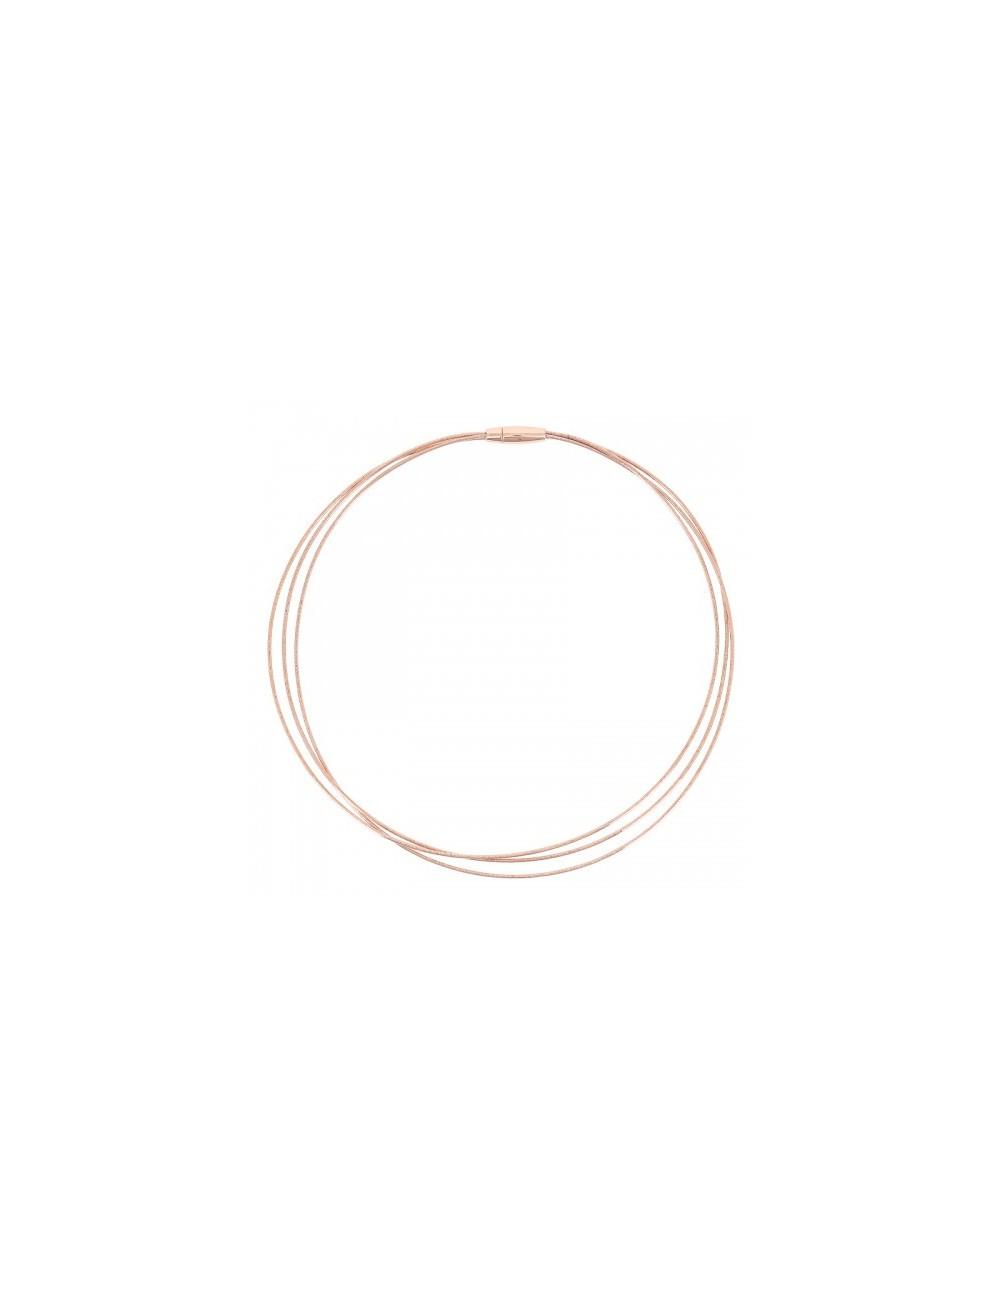 Pesavento -Collar Pesavento DNA Collection -WDNAG464